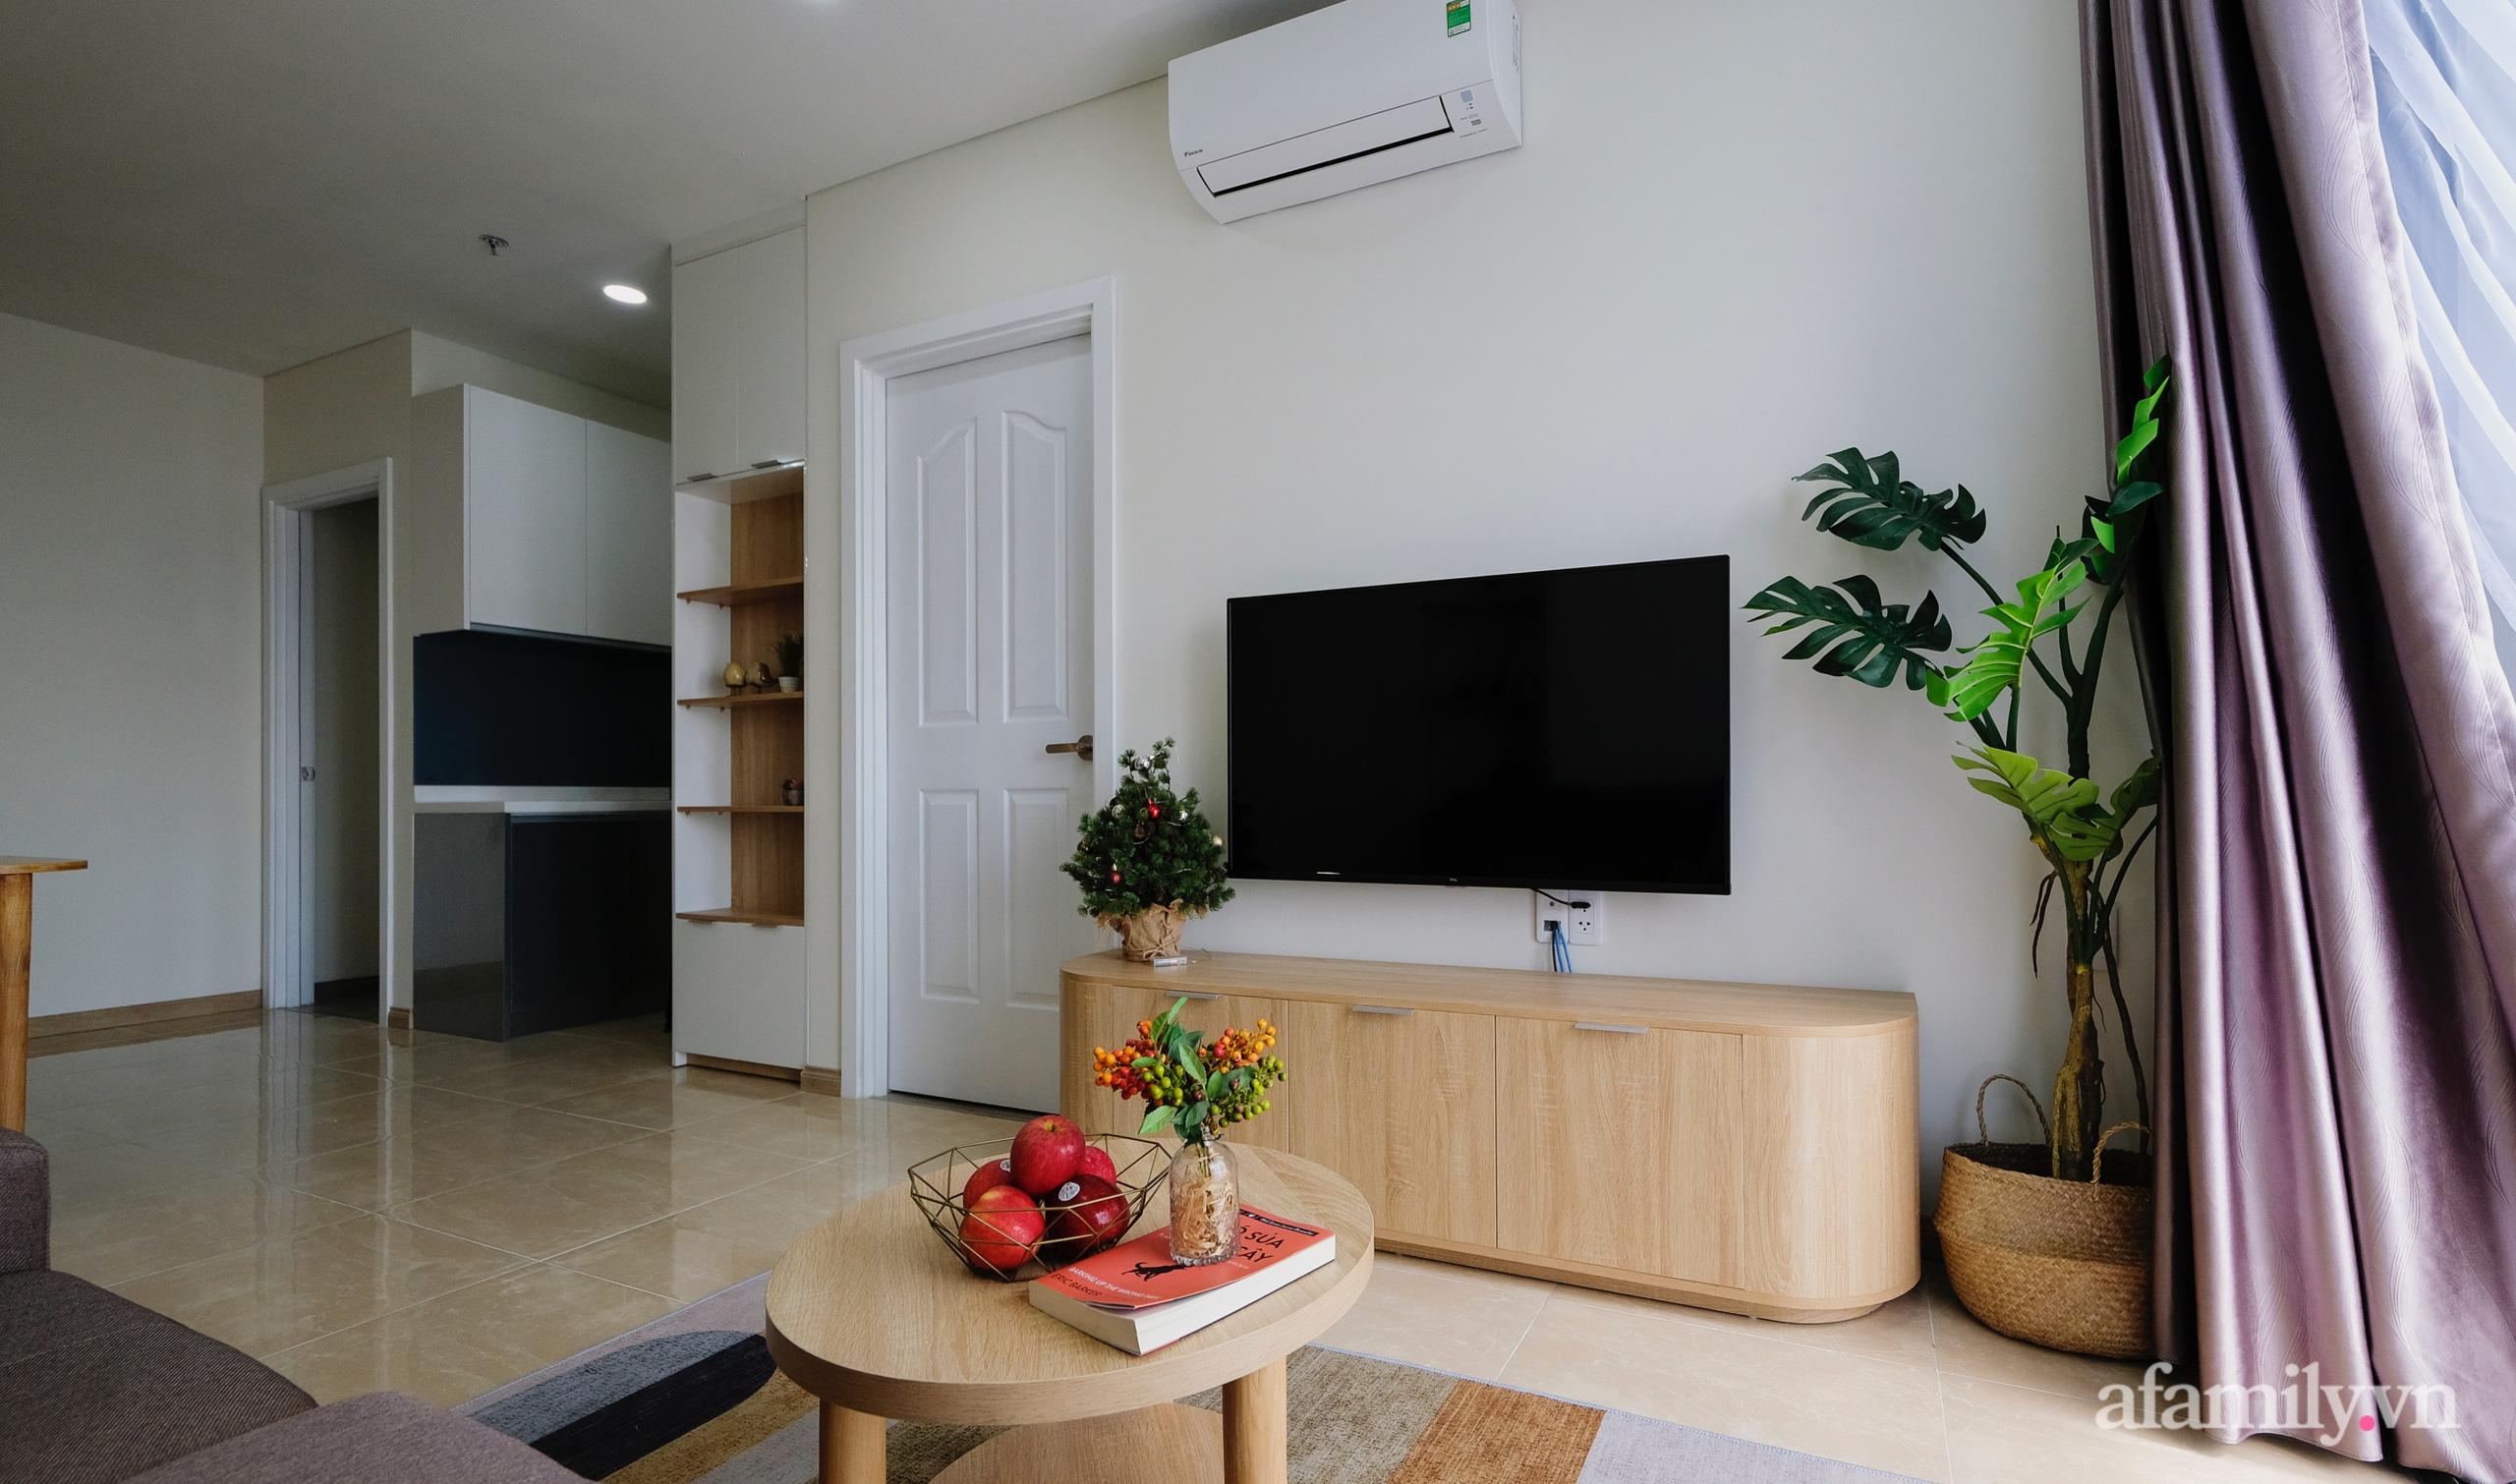 Căn hộ 75m² view sông Hàn đắt giá nhưng được thiết kế nội thất bình dị, ấm áp có chi phí 78 triệu đồng ở TP Đà Nẵng - Ảnh 7.